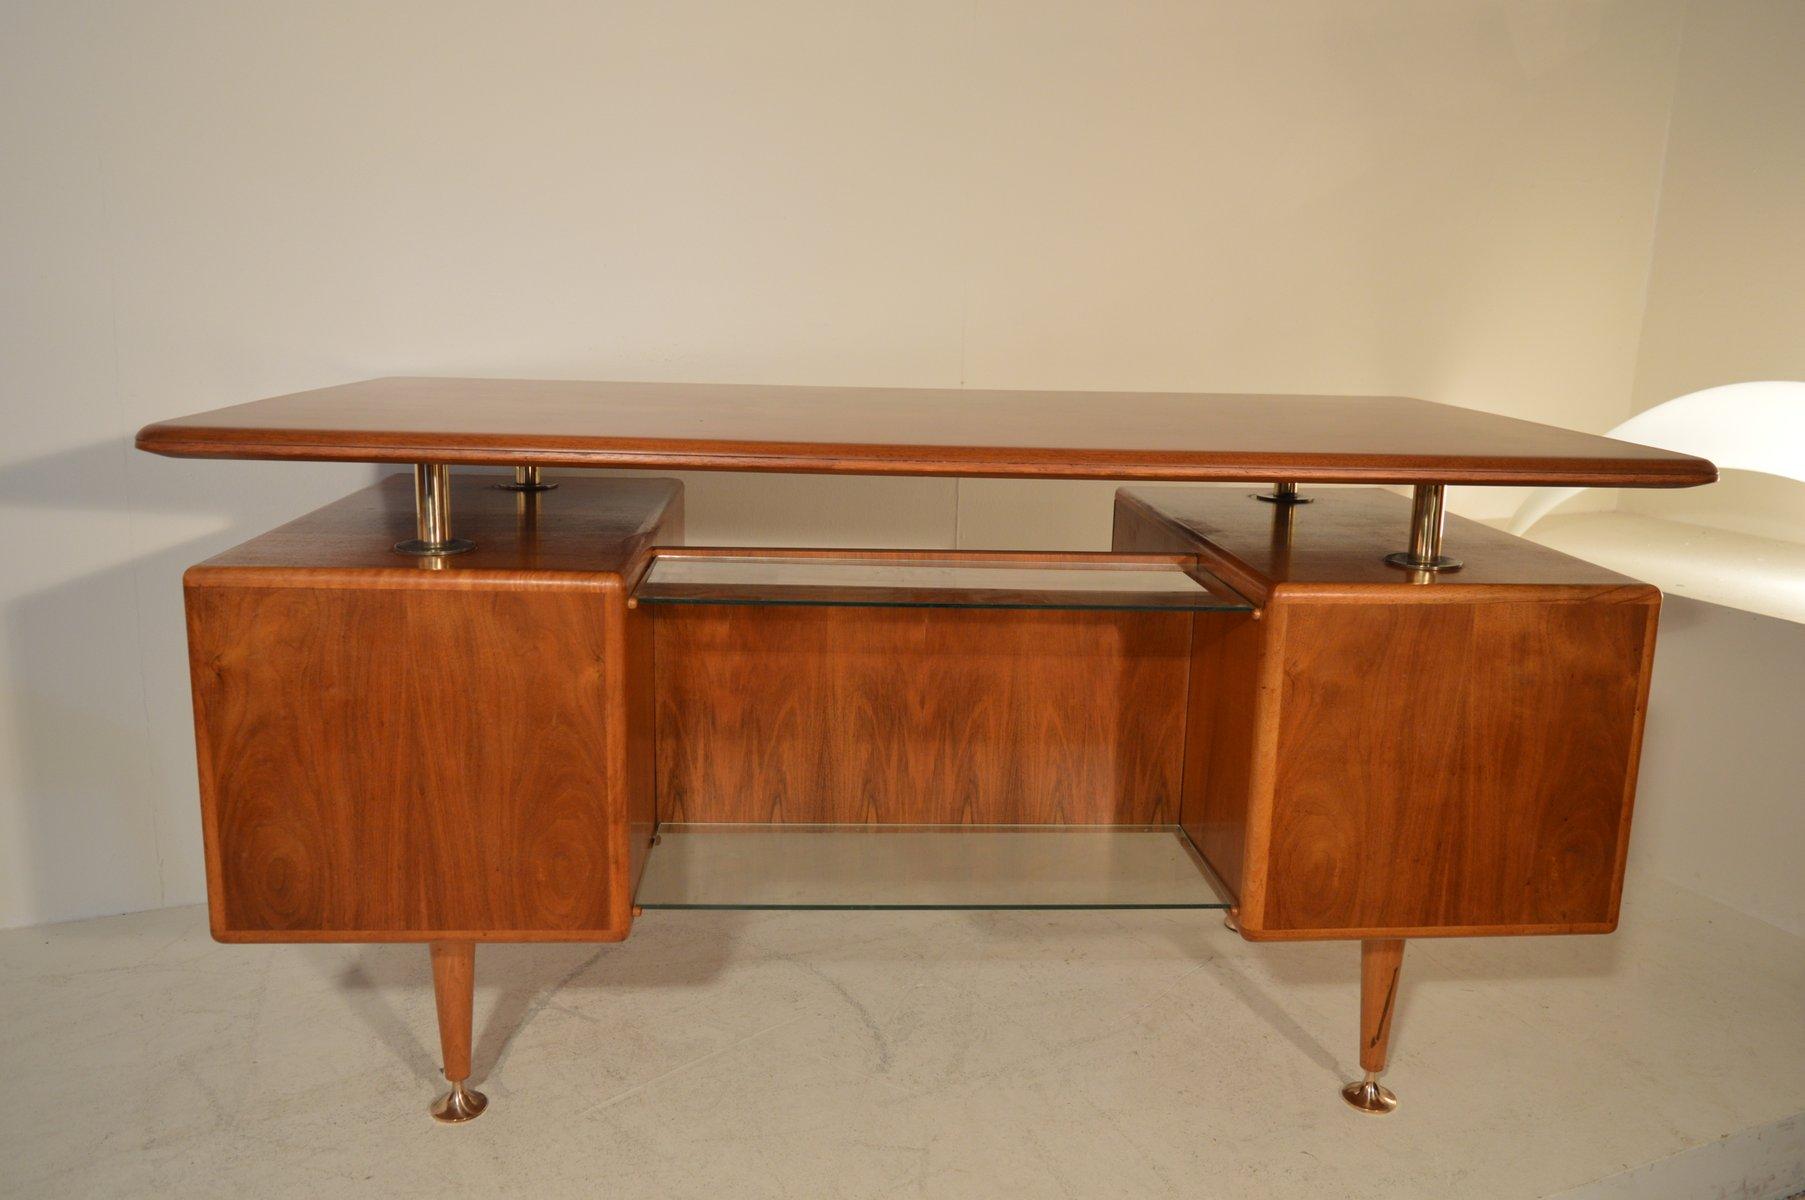 poly z schreibtisch und stuhl von abraham patijn f r zijlstra 1950er bei pamono kaufen. Black Bedroom Furniture Sets. Home Design Ideas